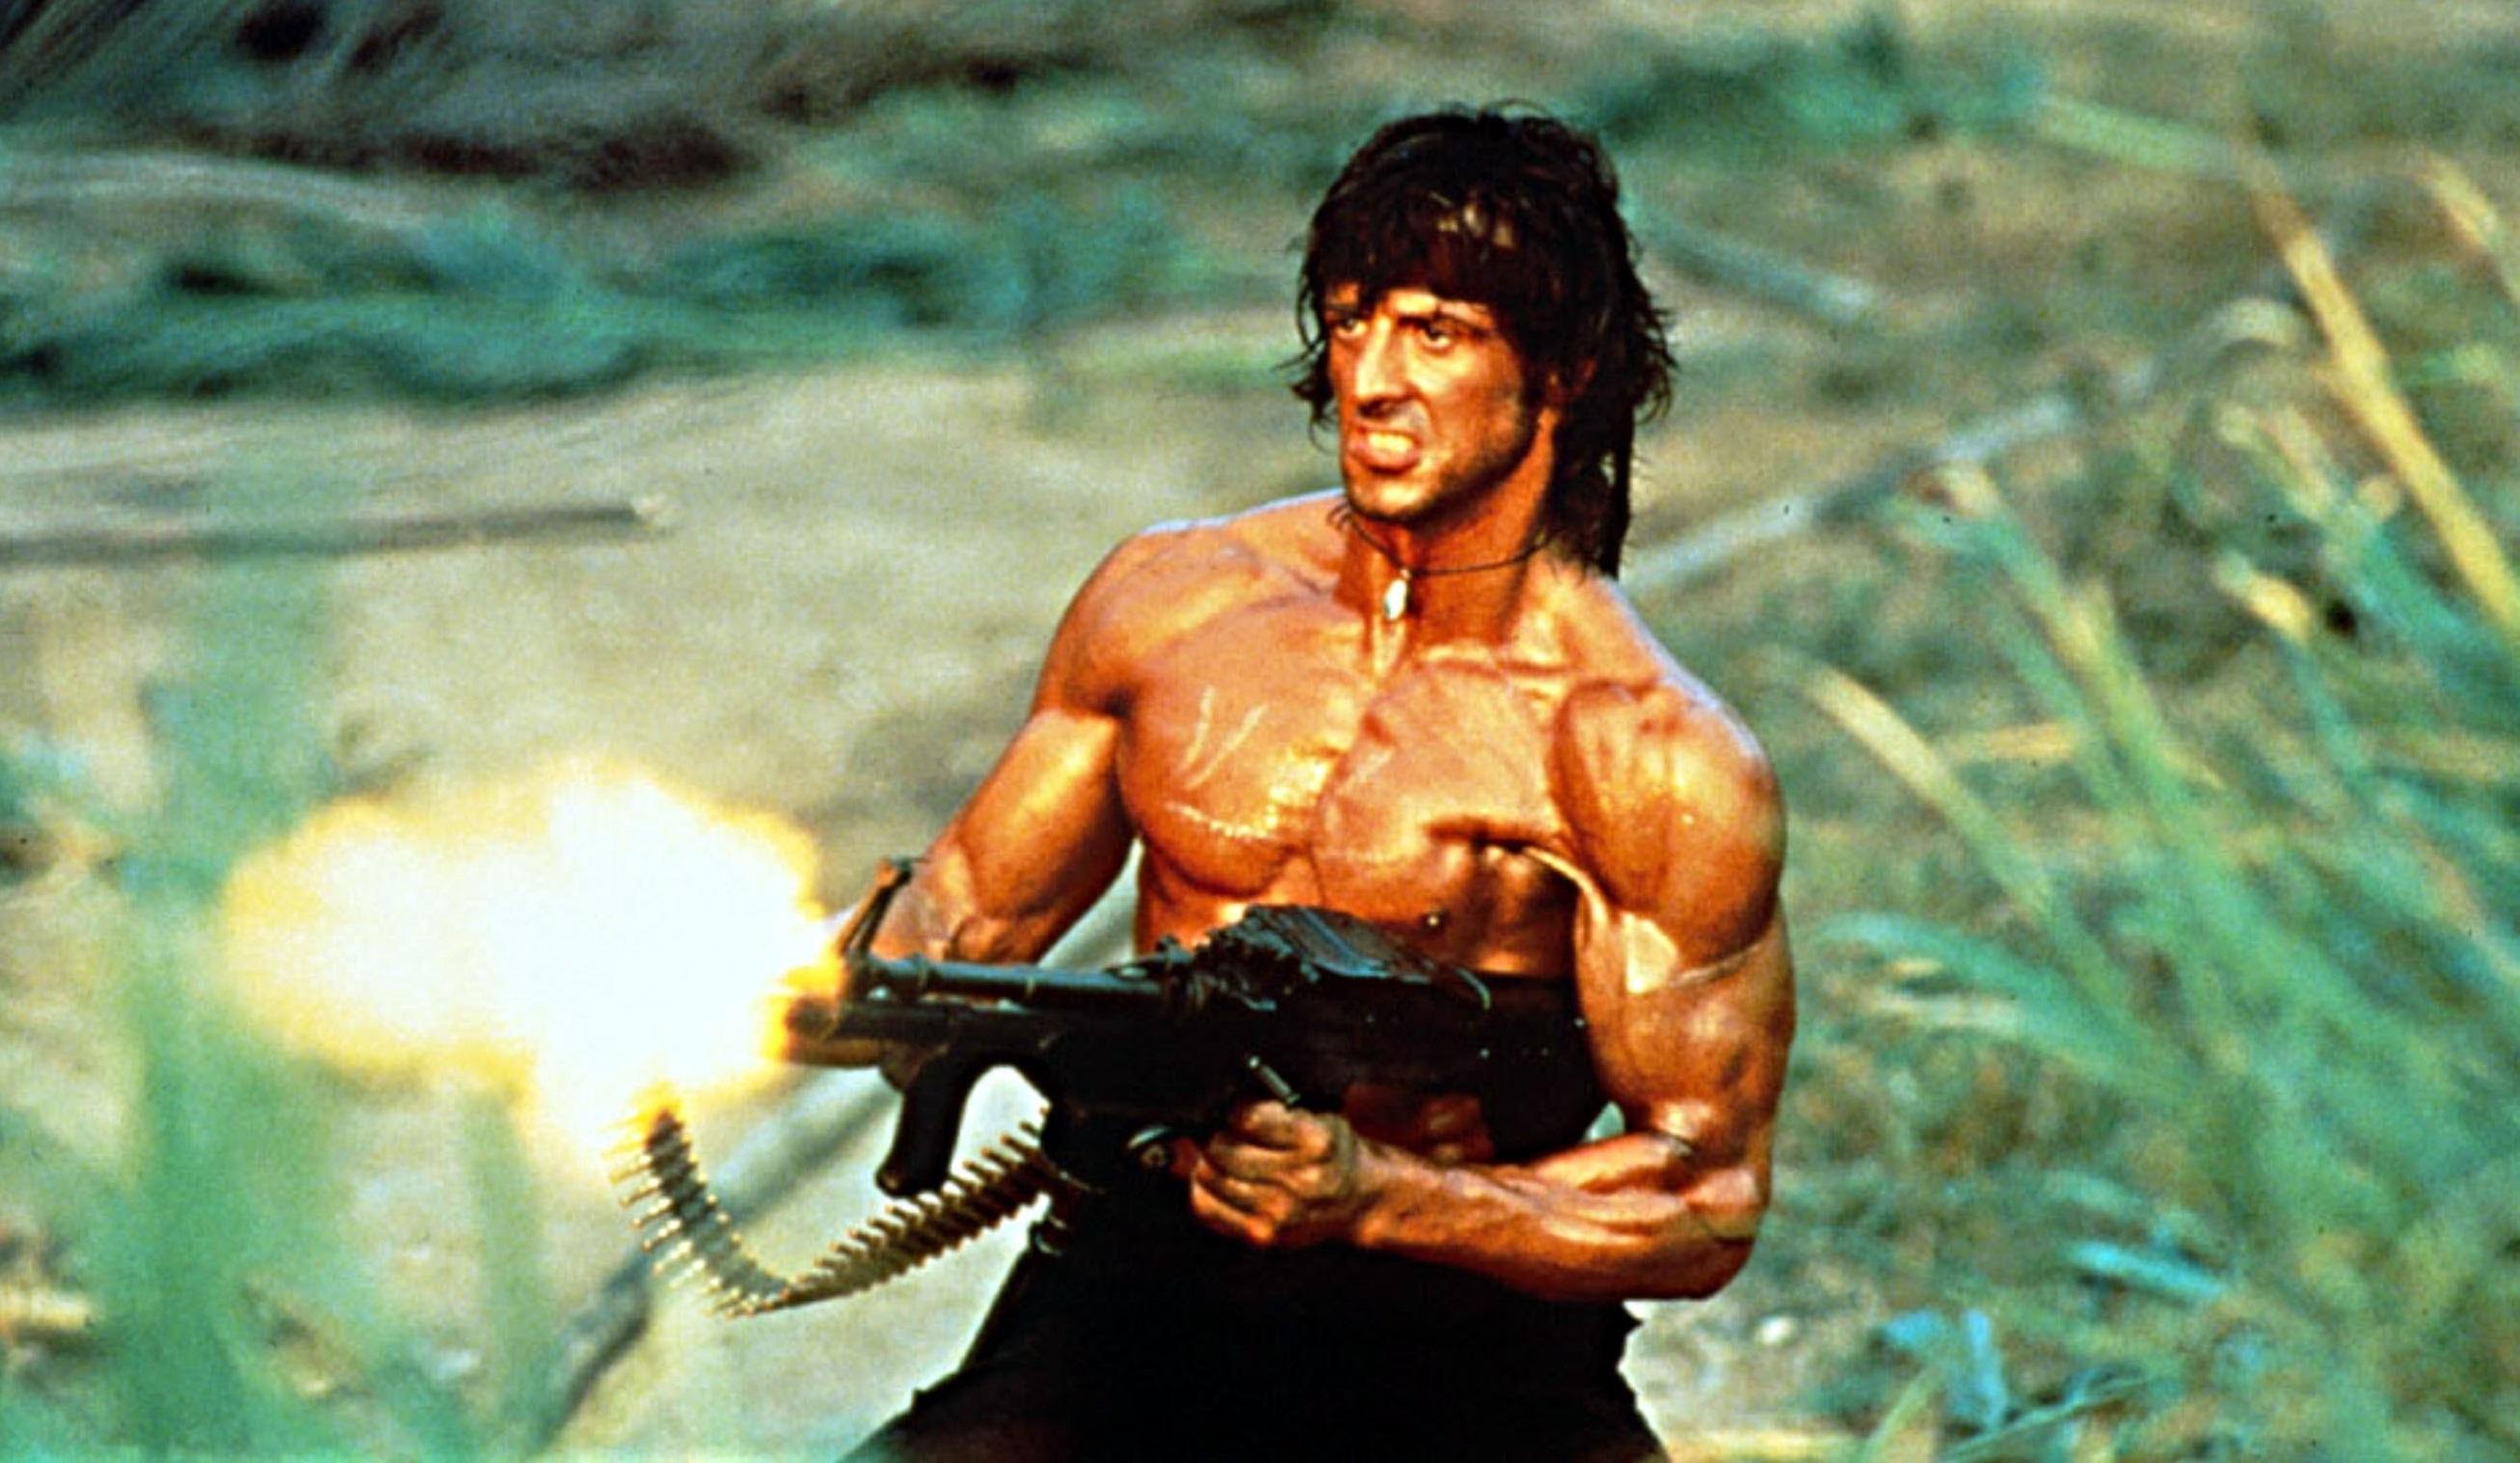 Rambo też będzie miał swój serial. W roli głównej powróci Sylvester Stallone